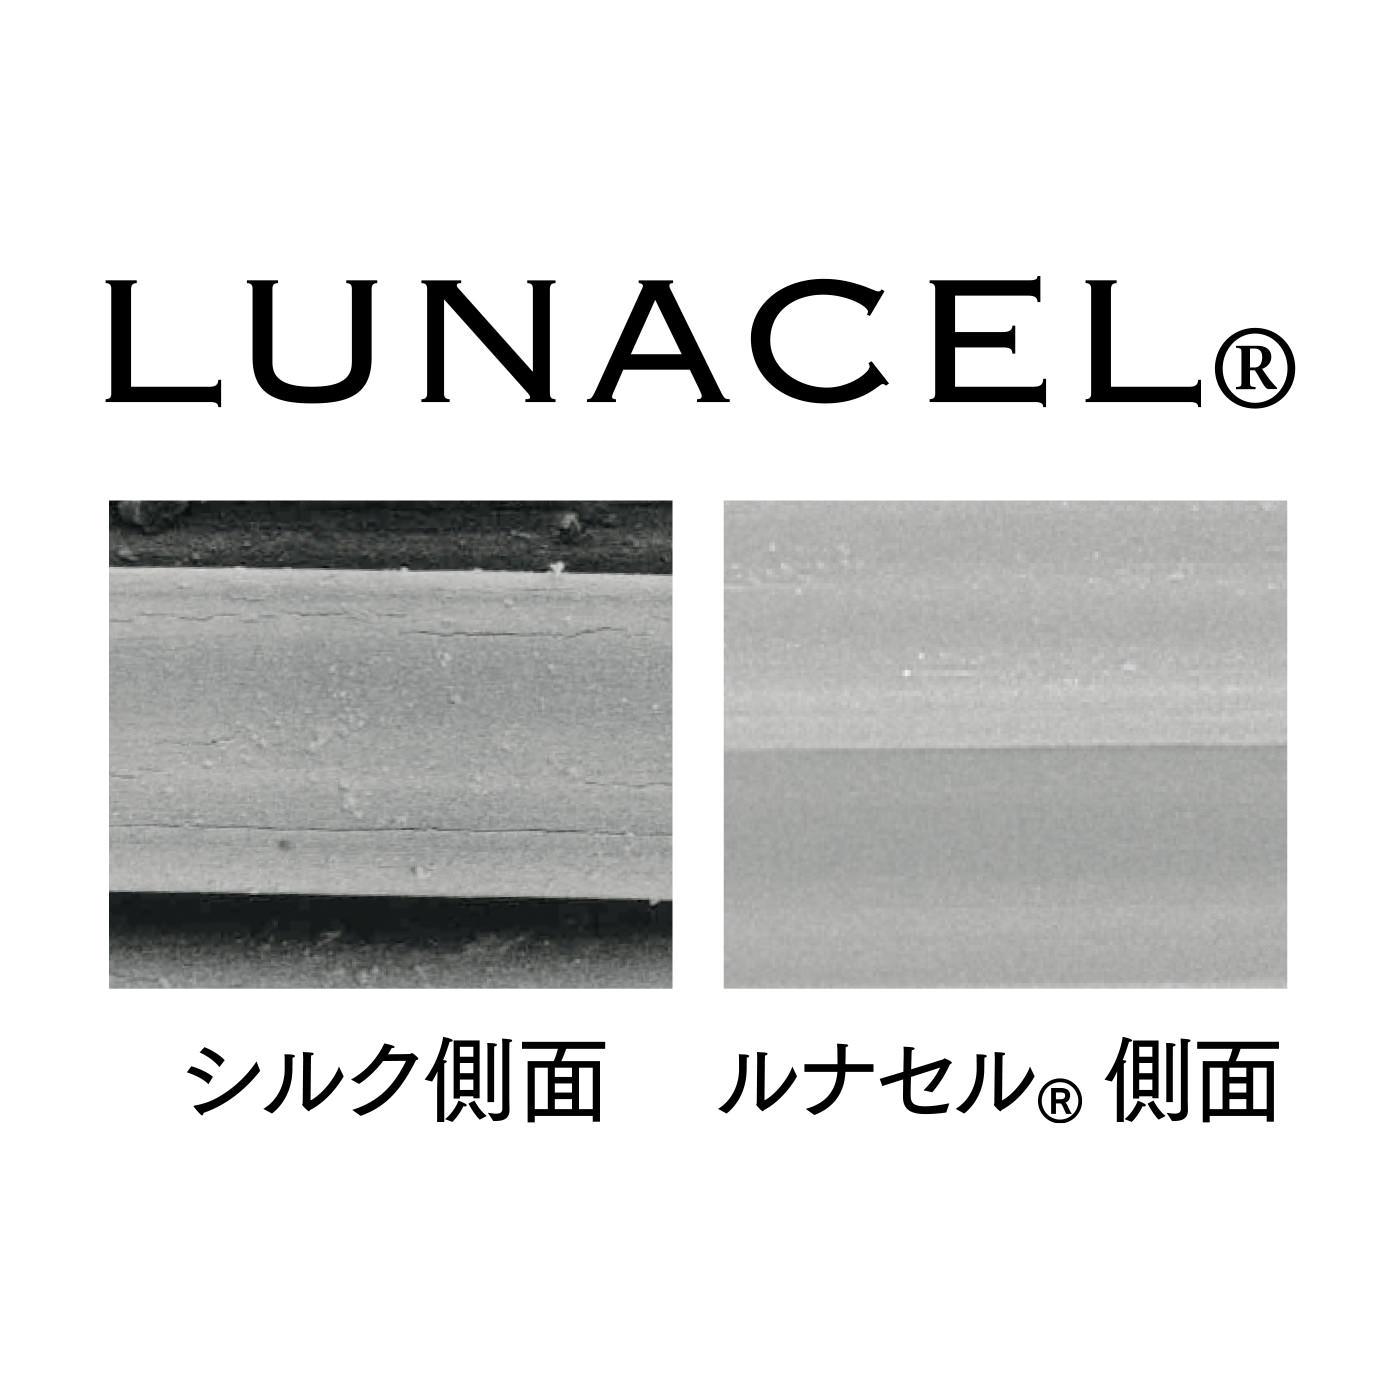 ルナセル(R)はセルロース(天然繊維)とプロテイン(動物性たんぱく質)がひとつになった機能性にすぐれた繊維です。糸の表面が滑らかでシルクのようなしなやかな風合いが美しいシルエットを演出してくれます。